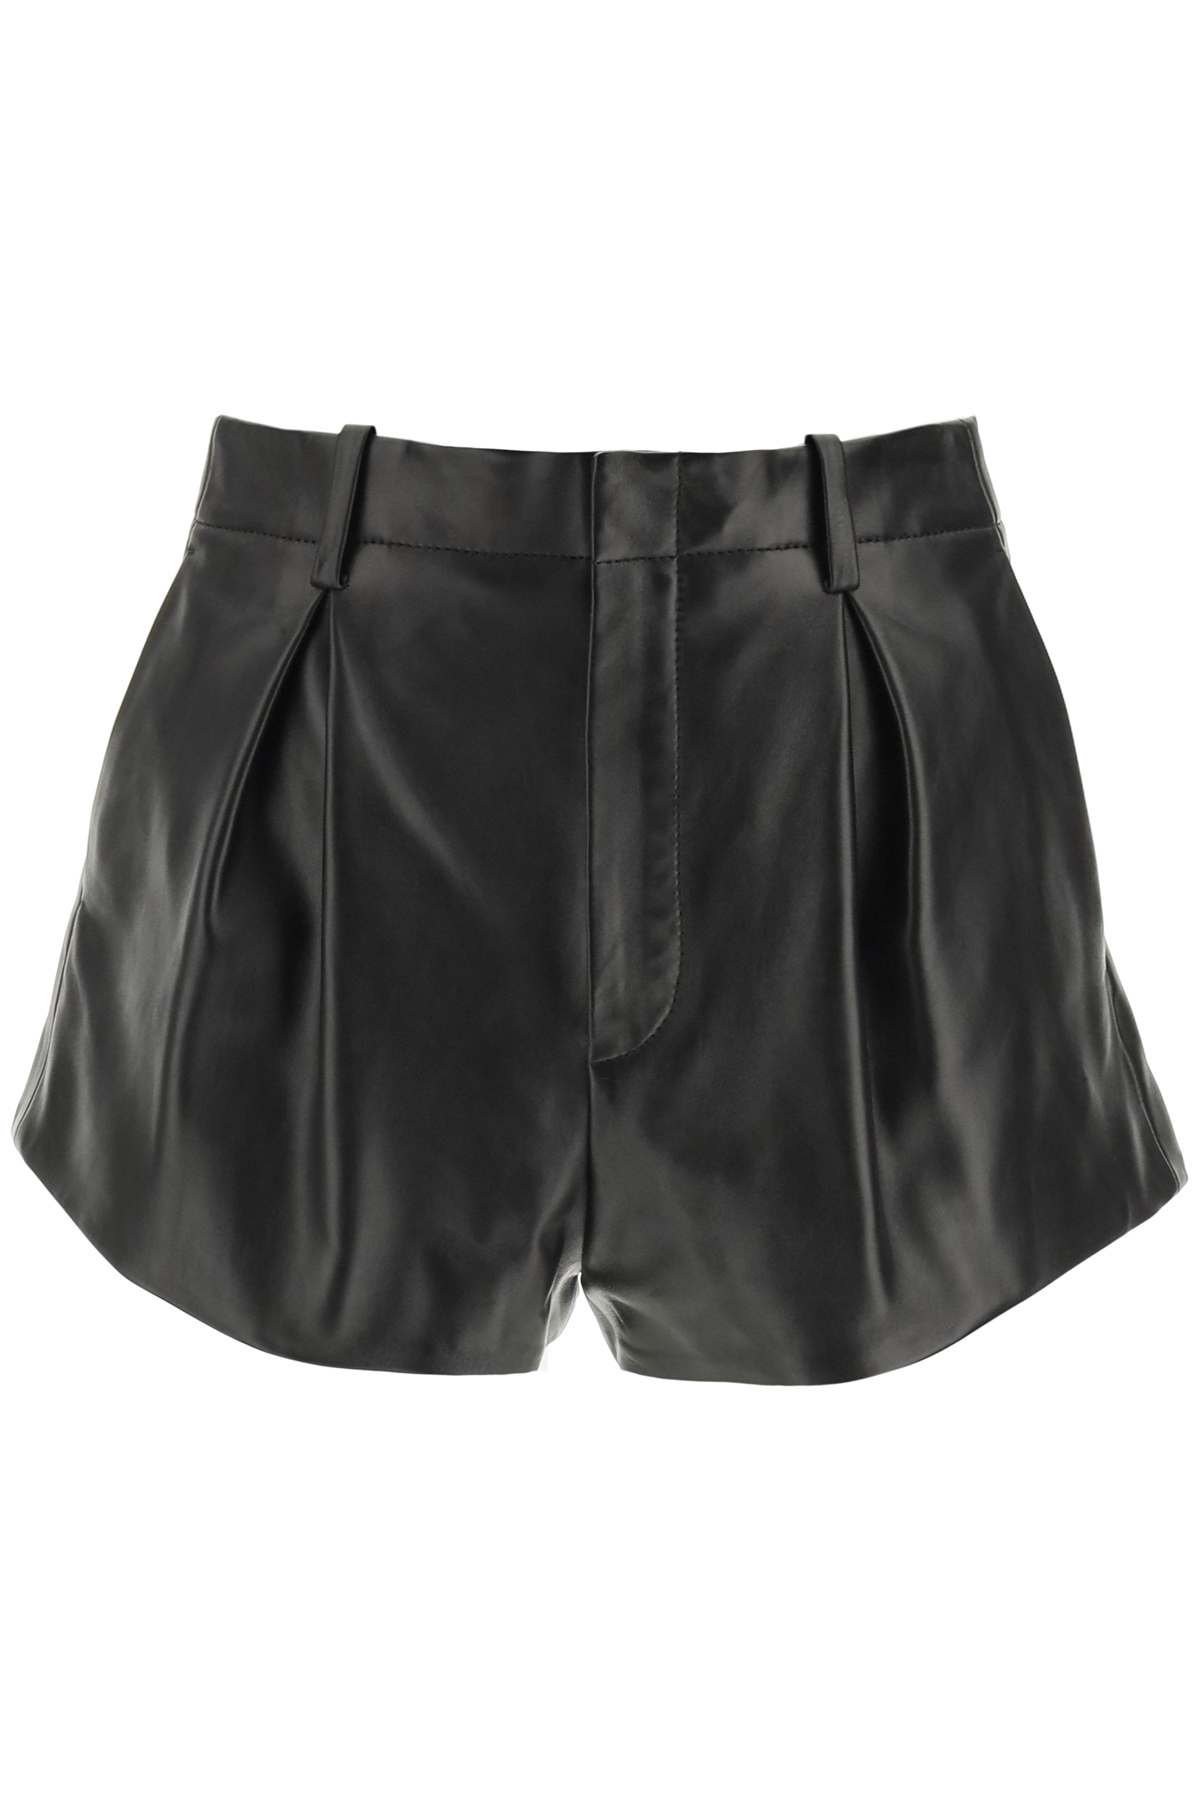 Saint laurent shorts in pelle